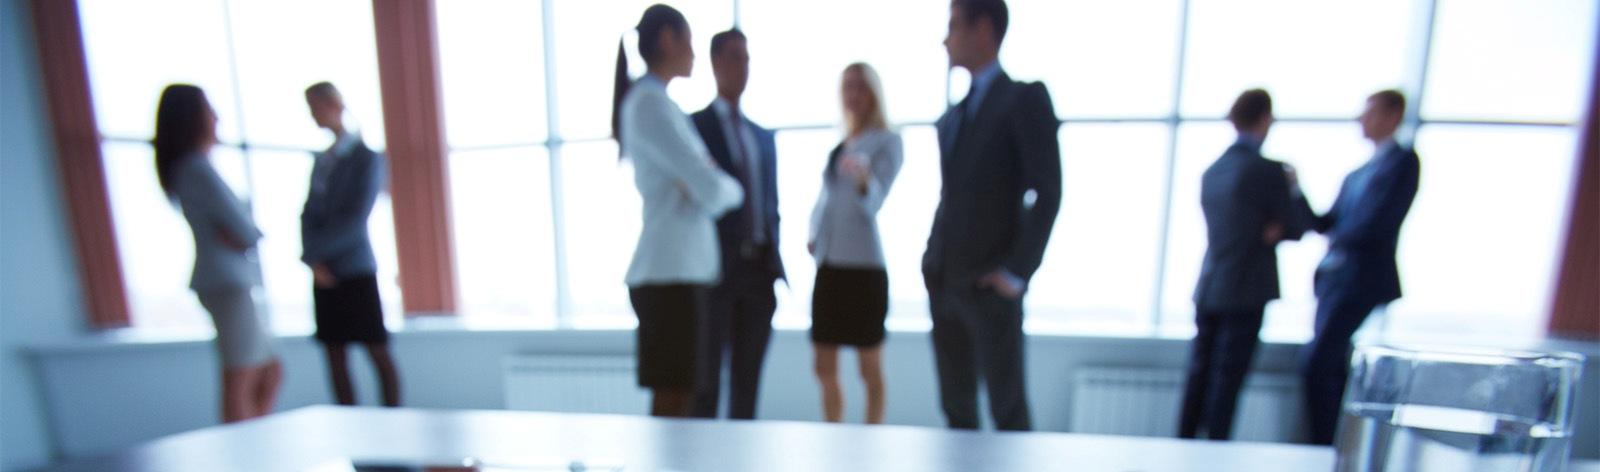 360 Middle Management Training Program